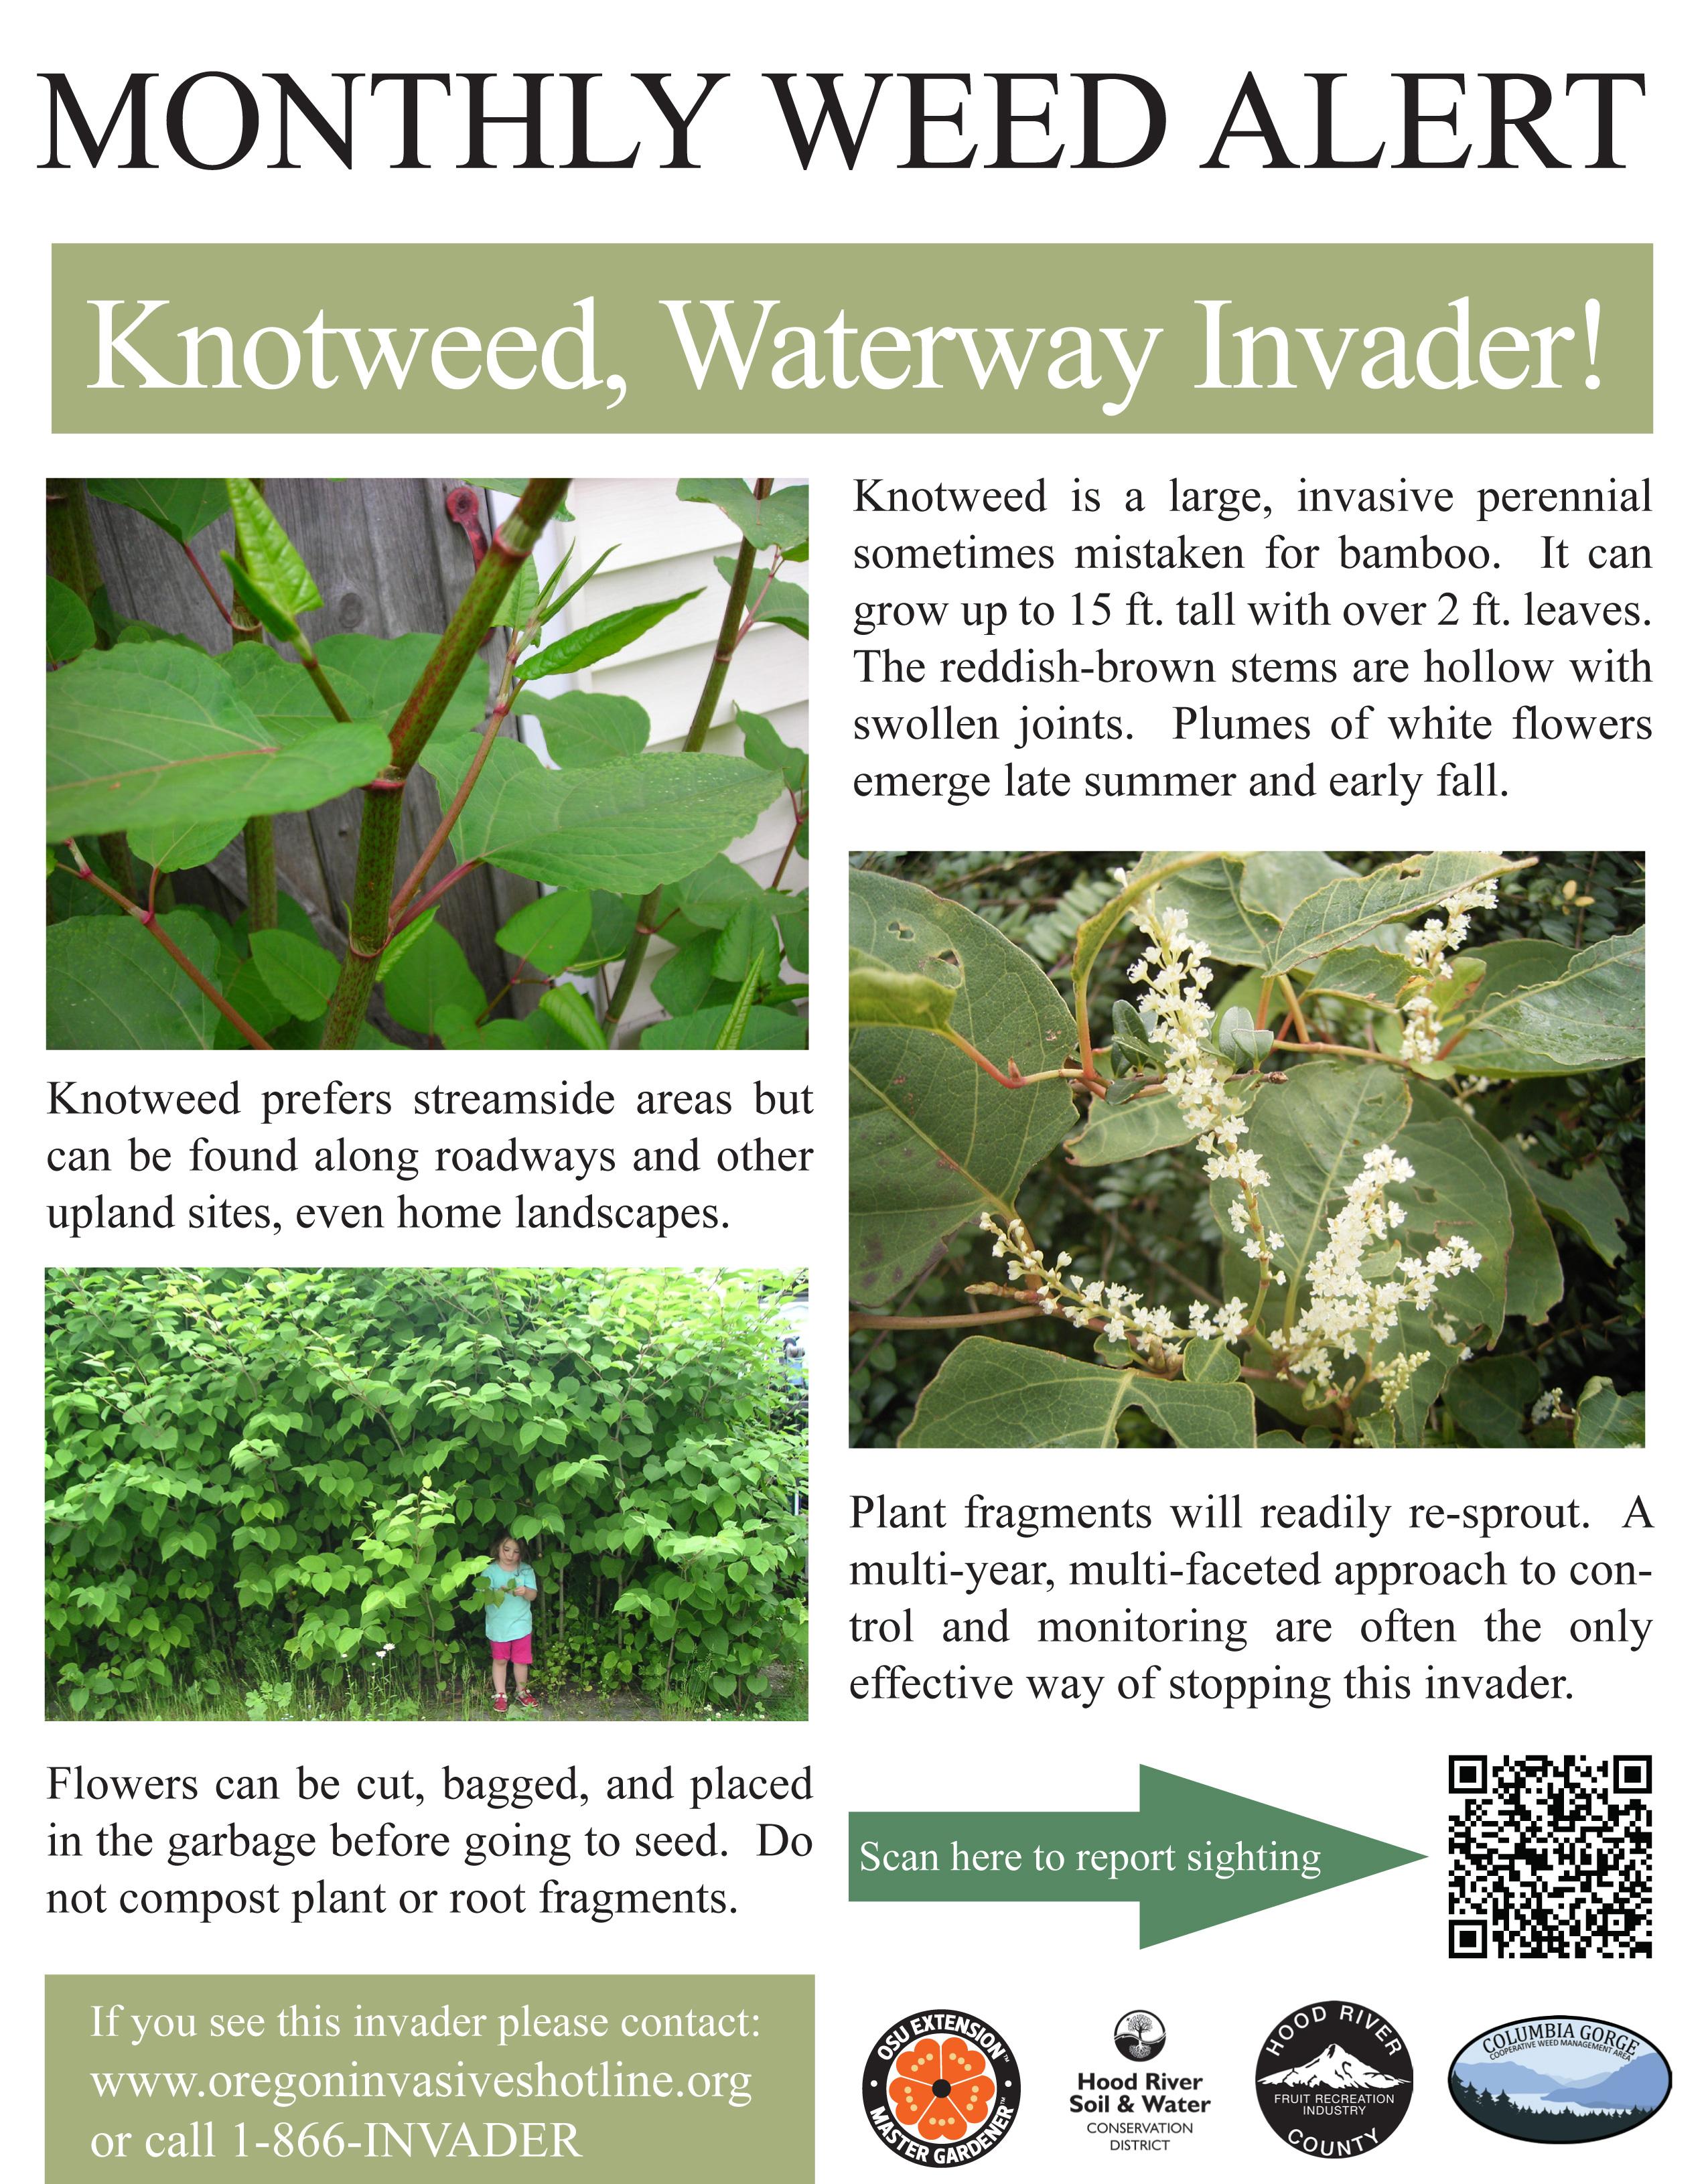 September-Knotweed-Weed-Alert-Poster